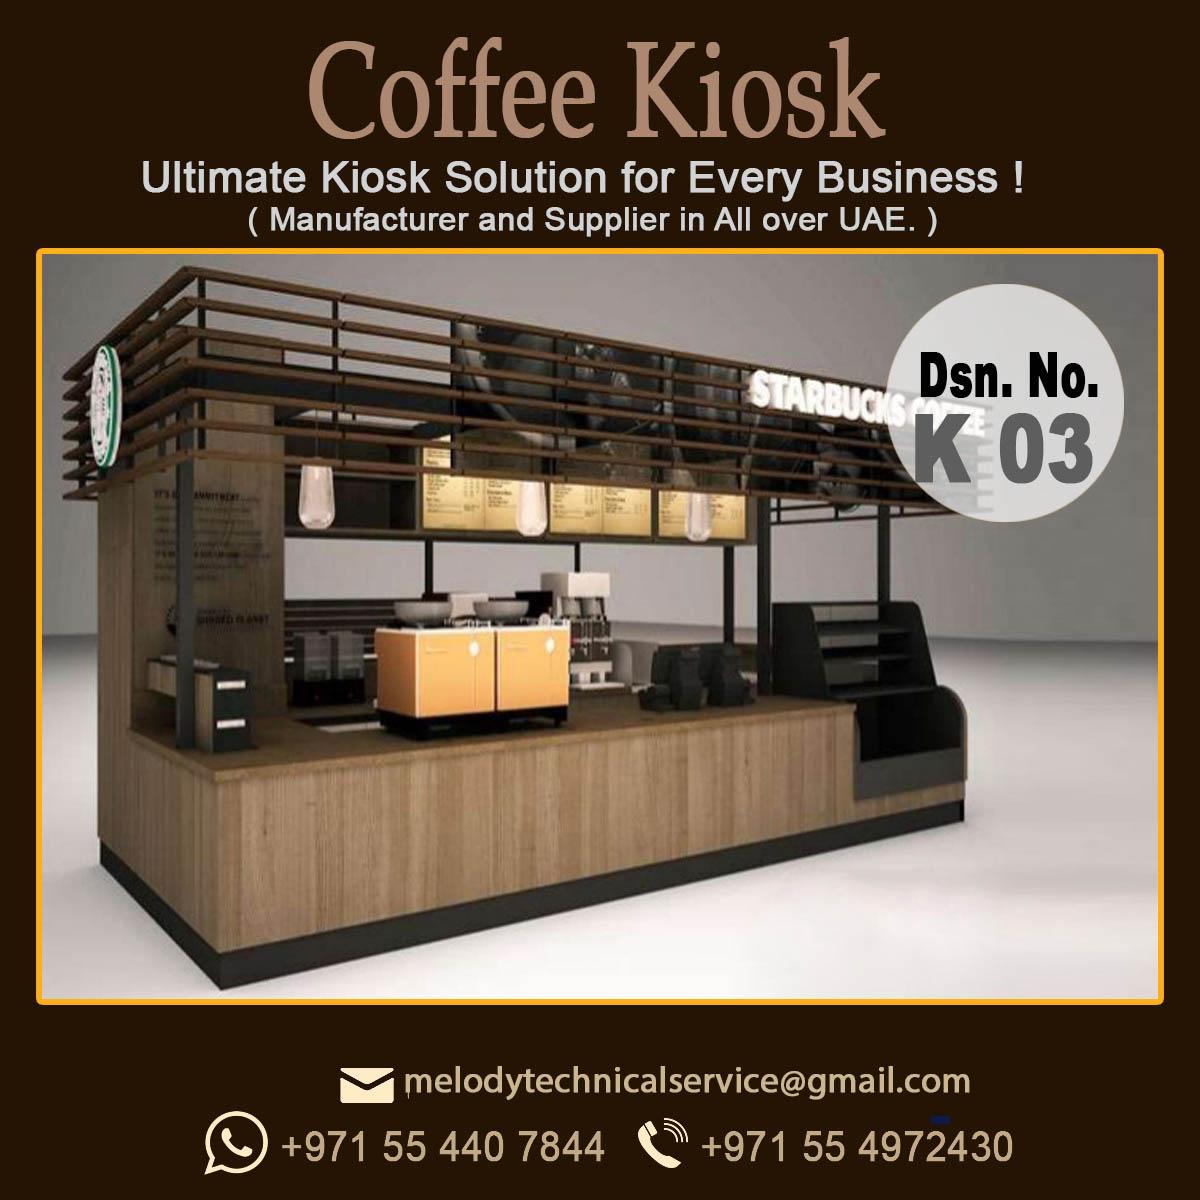 Perfume Kiosk Dubai  Wooden kiosk Suppliers  Mall Kiosk Design (4).jpg